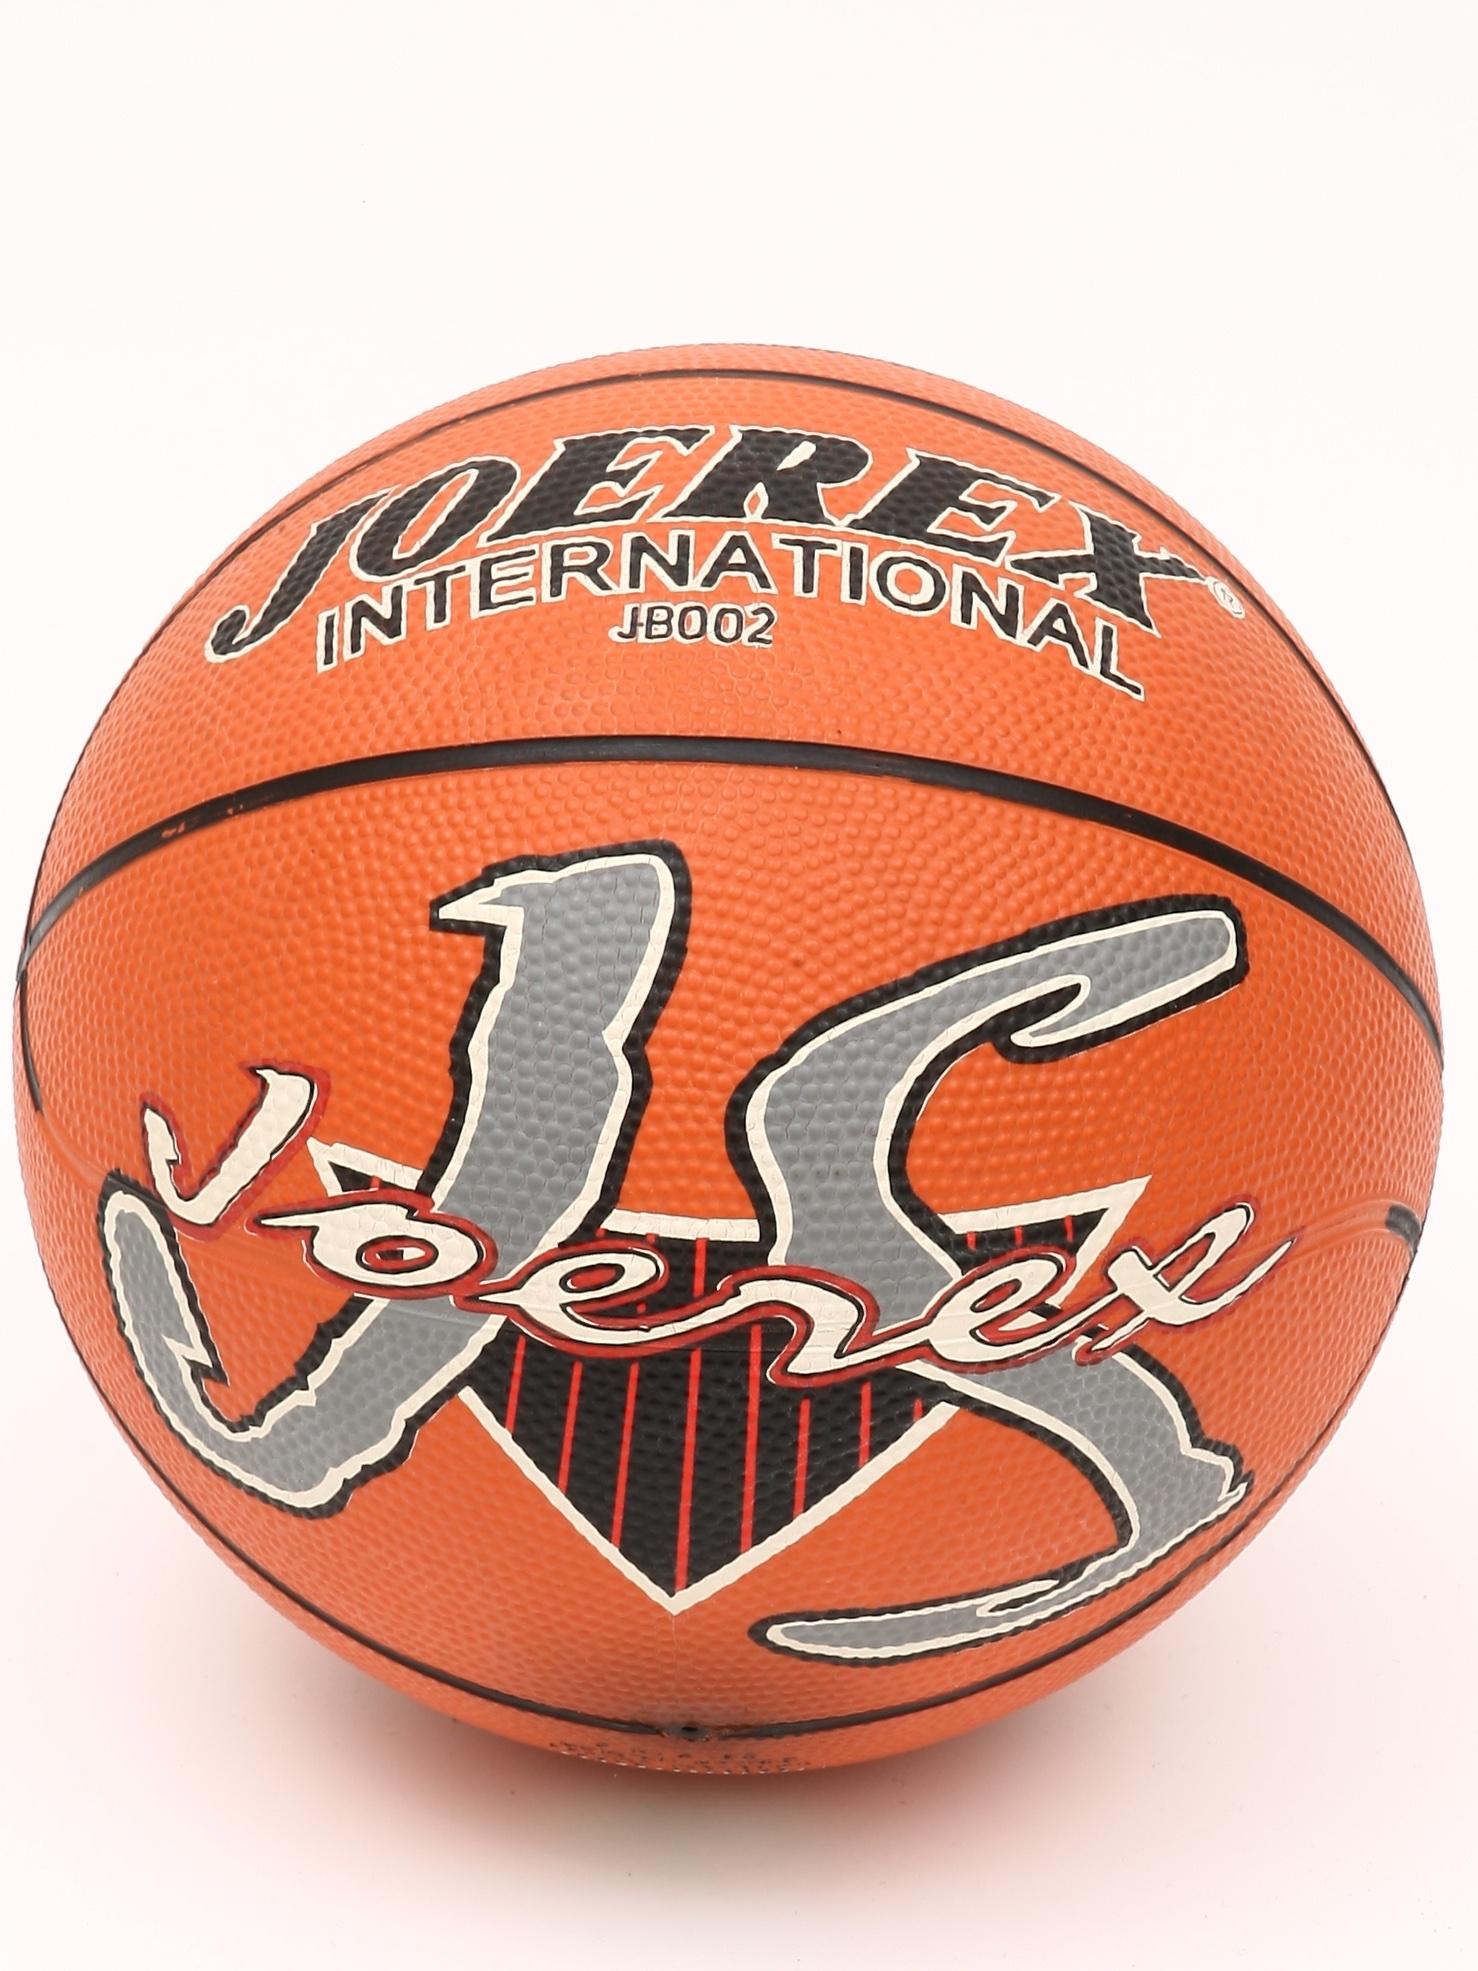 Мяч баскетбольный JOEREX JB002, коричнево-красный цена